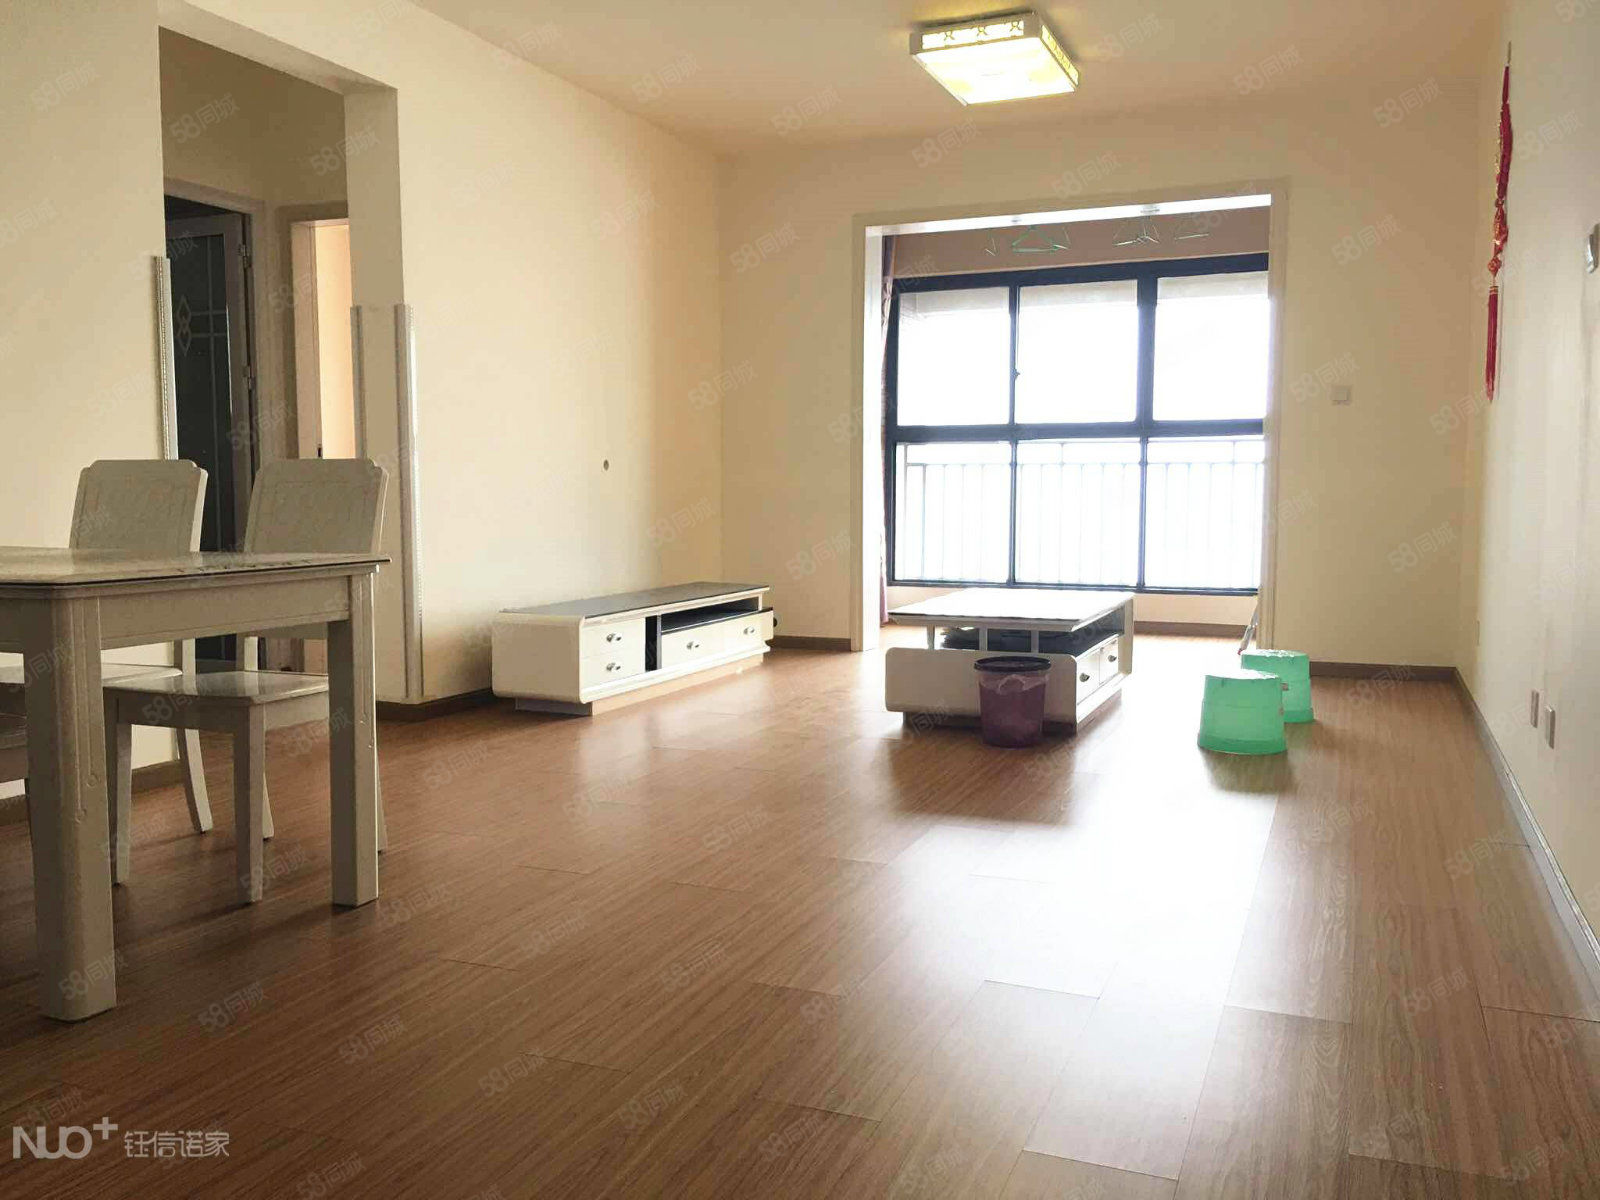 精美两房尽享三口之家的乐趣,触碰幸福的温度,舒适如新